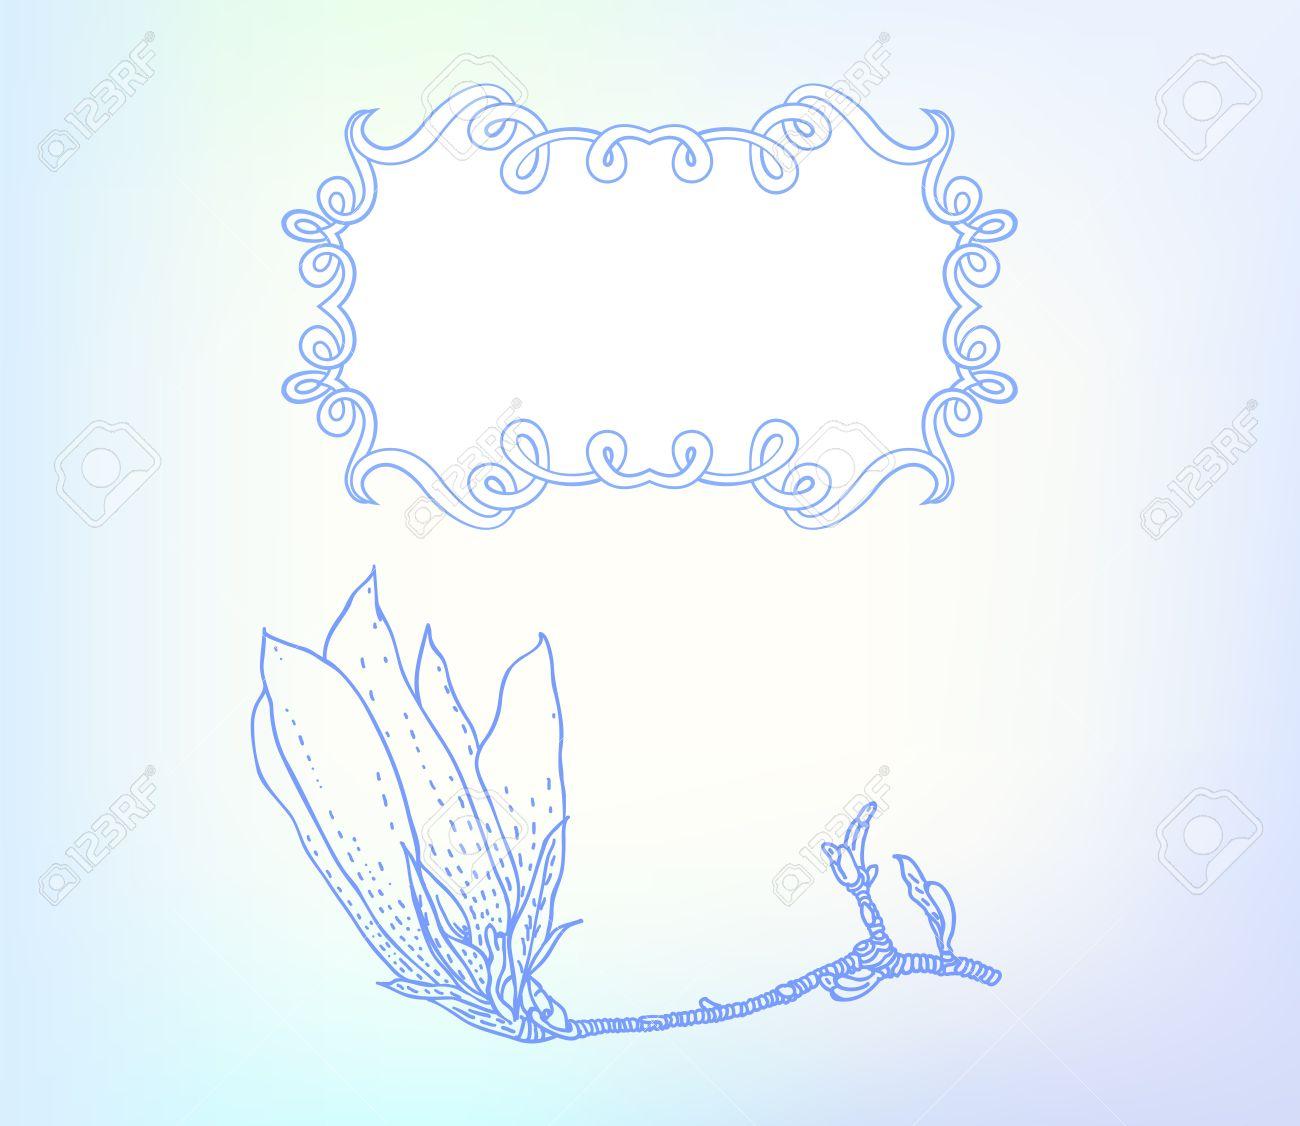 Vector De La Tarjeta Con La Magnolia En Fondo Azul Claro. Plantilla ...